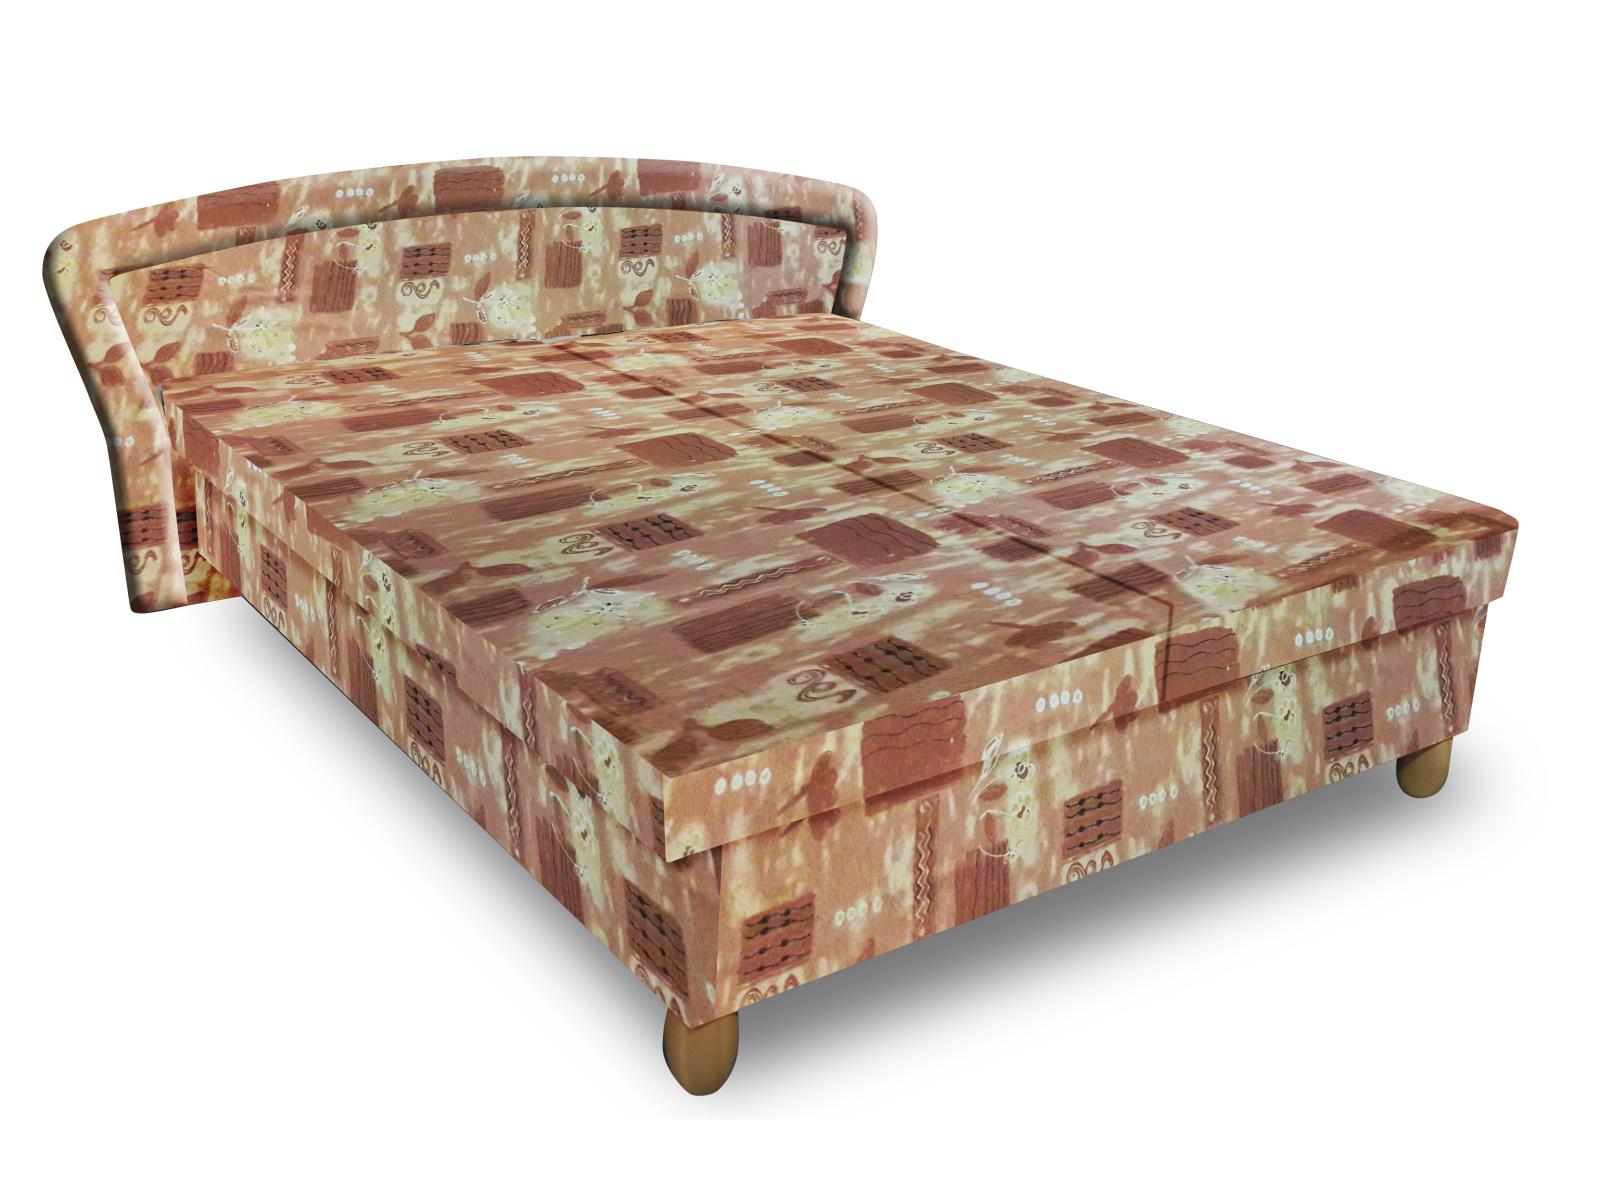 Smartshop Čalouněná postel PAVLA 140x200 cm, hnědá látka